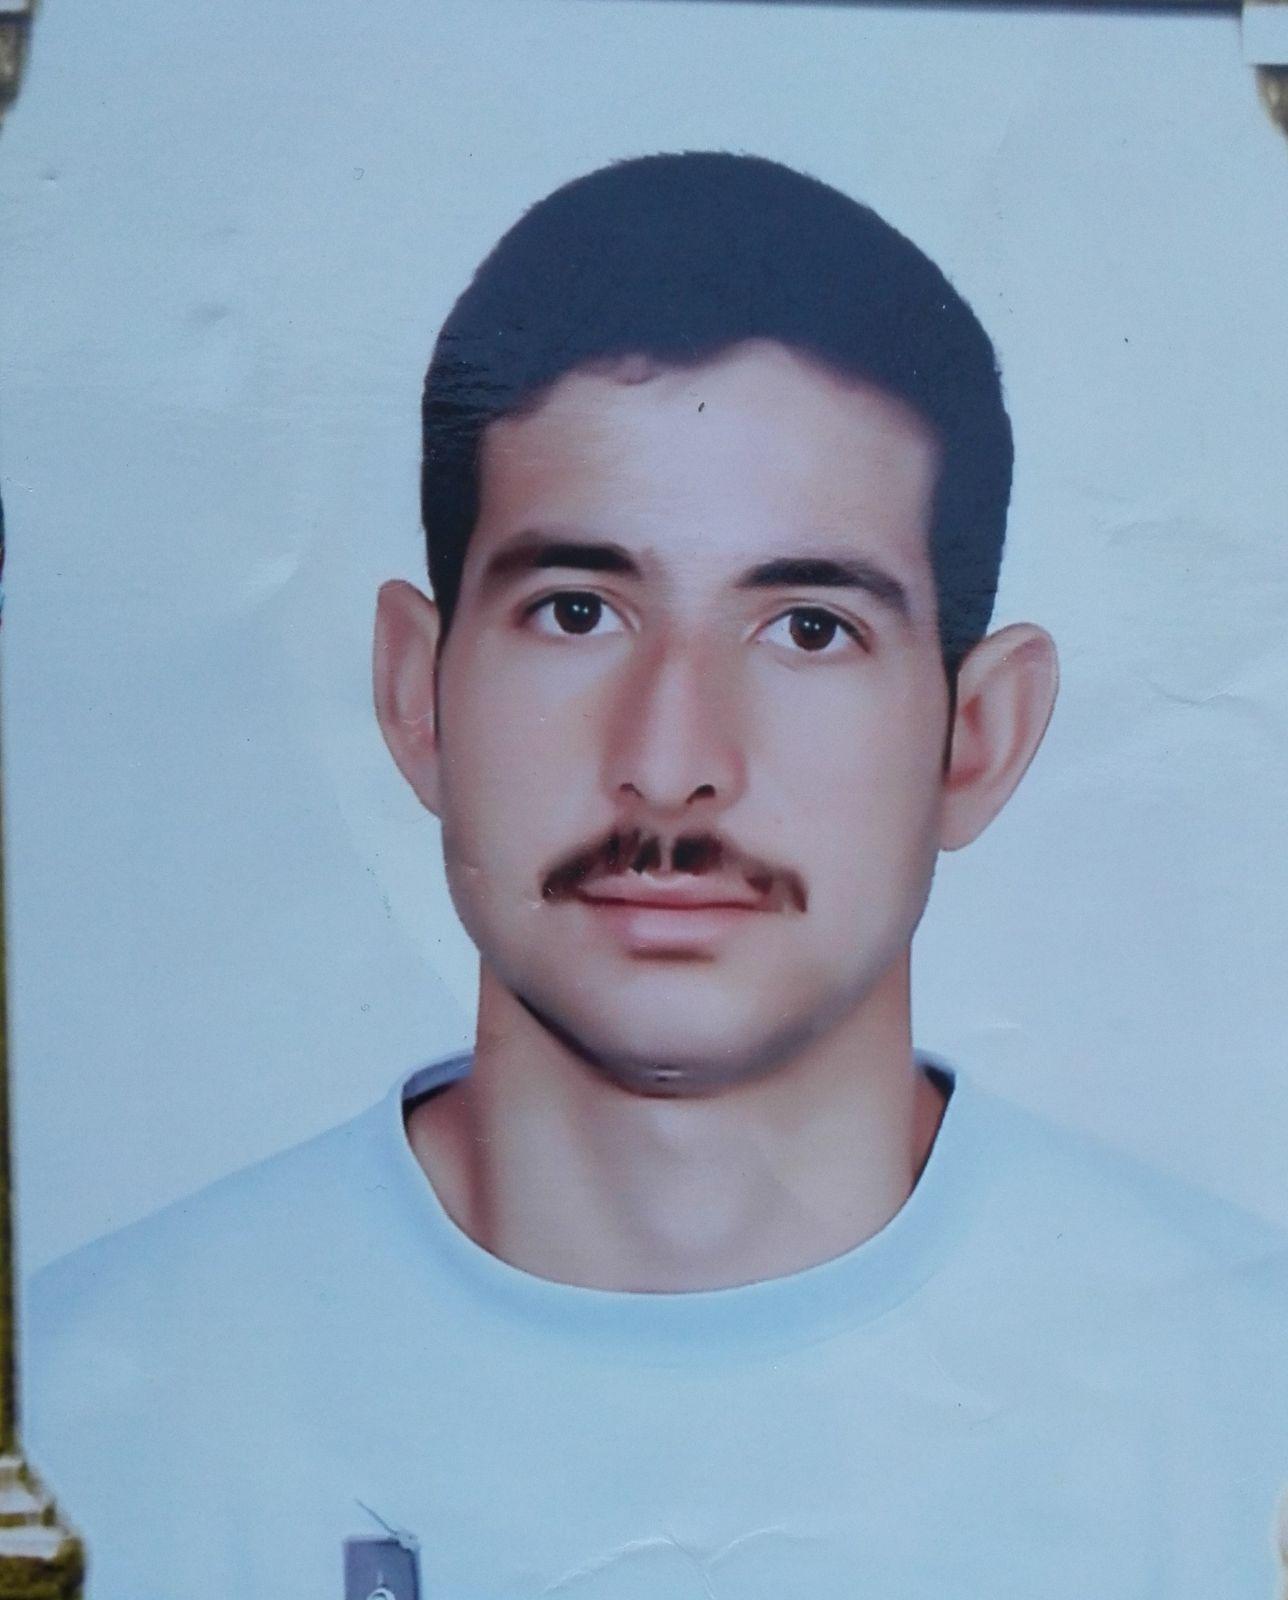 مليشيات تحتجز 50 مصريًا بـ«هنجر» بطرابلس.. والخارجية «قالت إيه وداهم ليبيا»